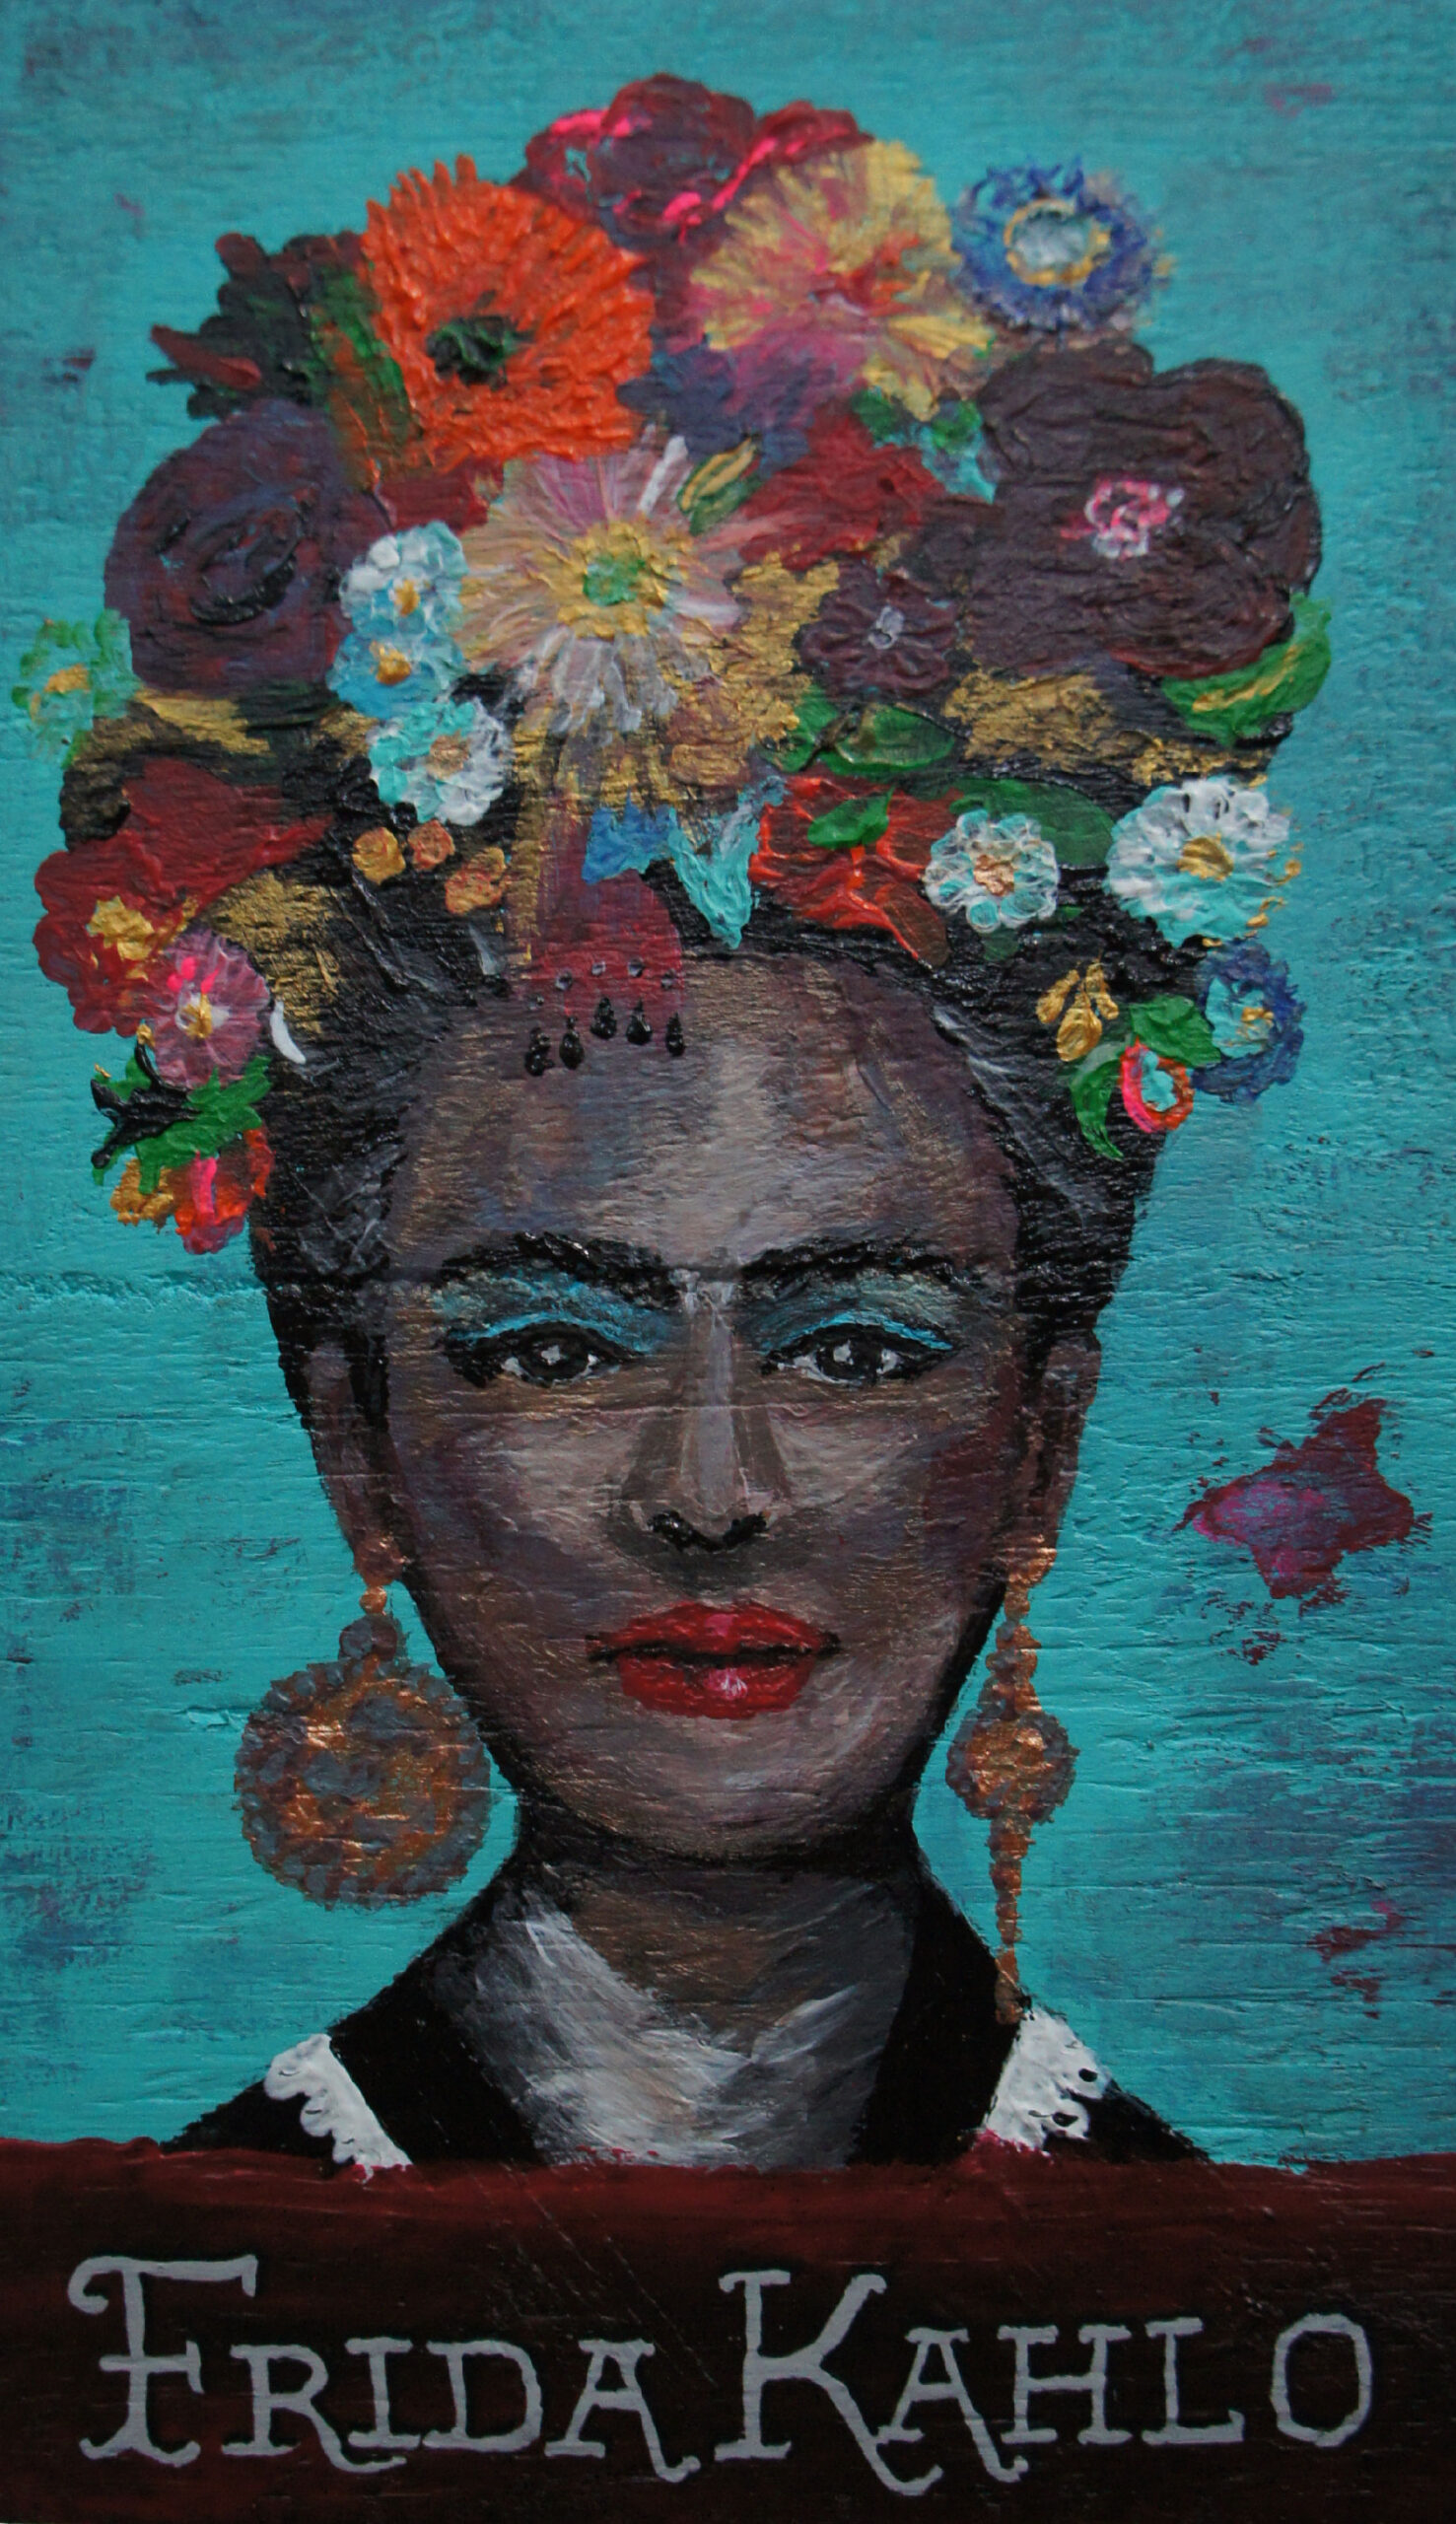 Frida Kahlo - Acryl op hout